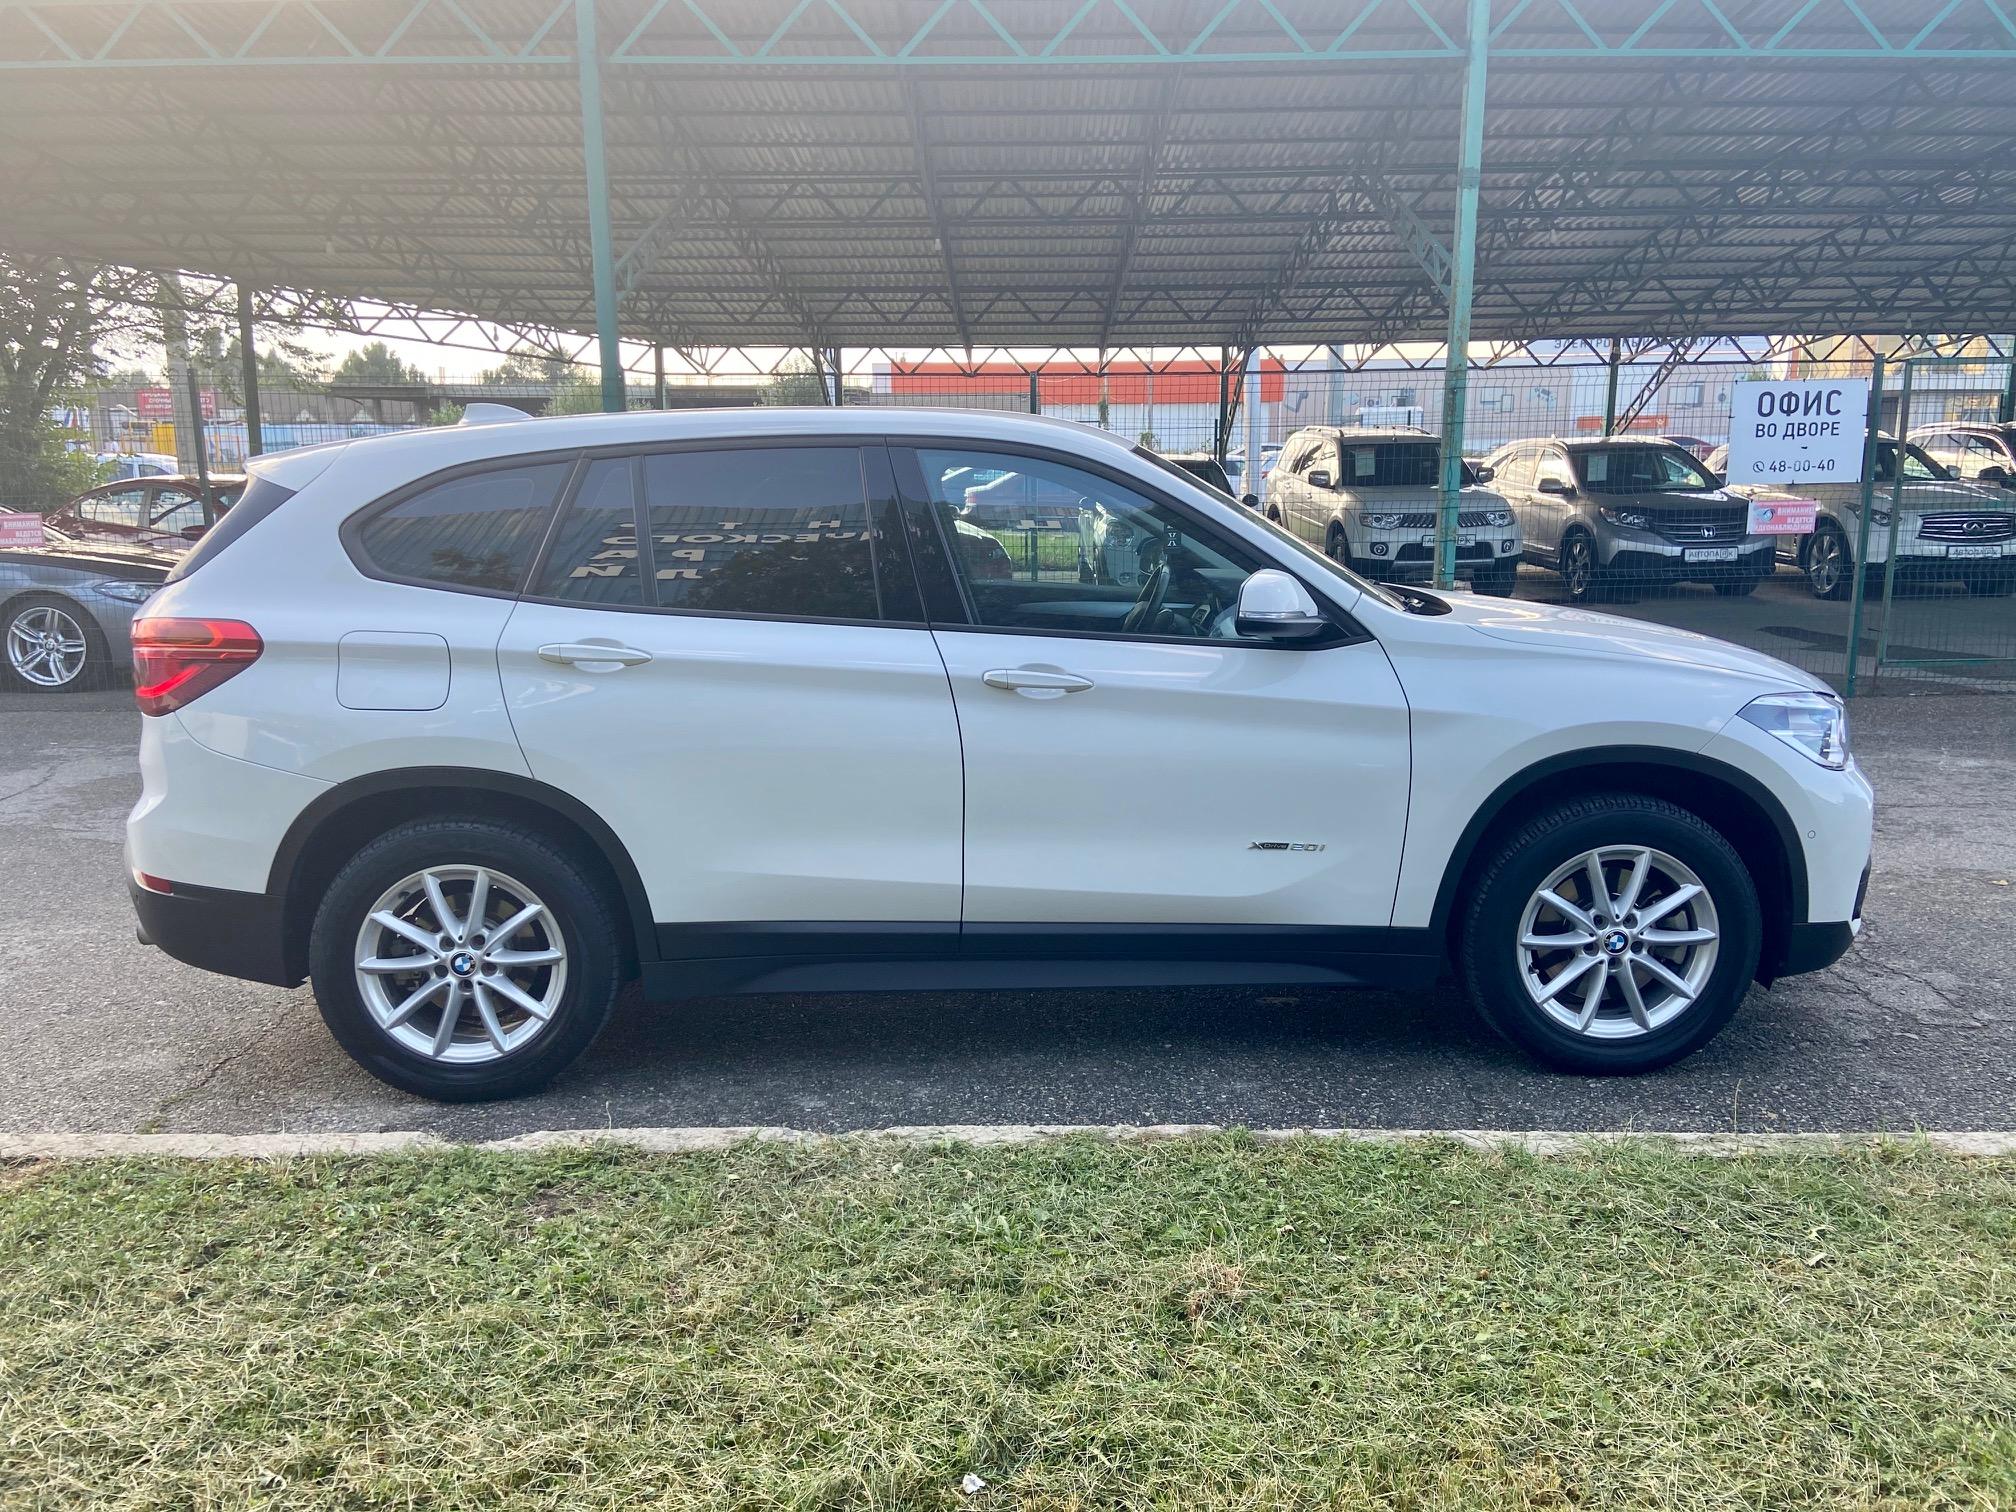 Купить BMW X1 (Белый) - Автопарк Ставрополь